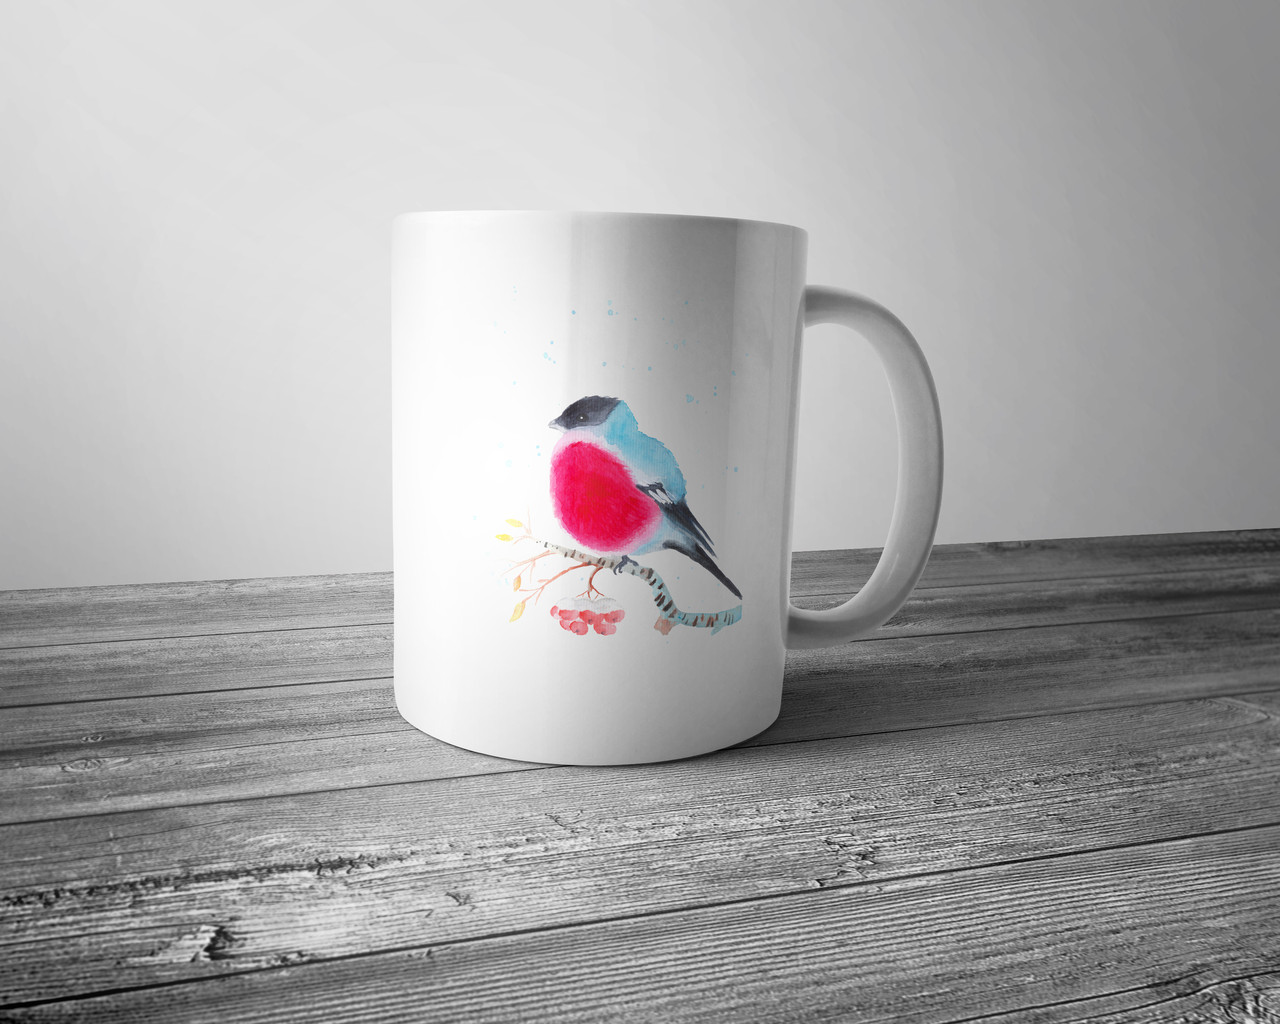 Чашка полноцветным изображением снегиря на ветке